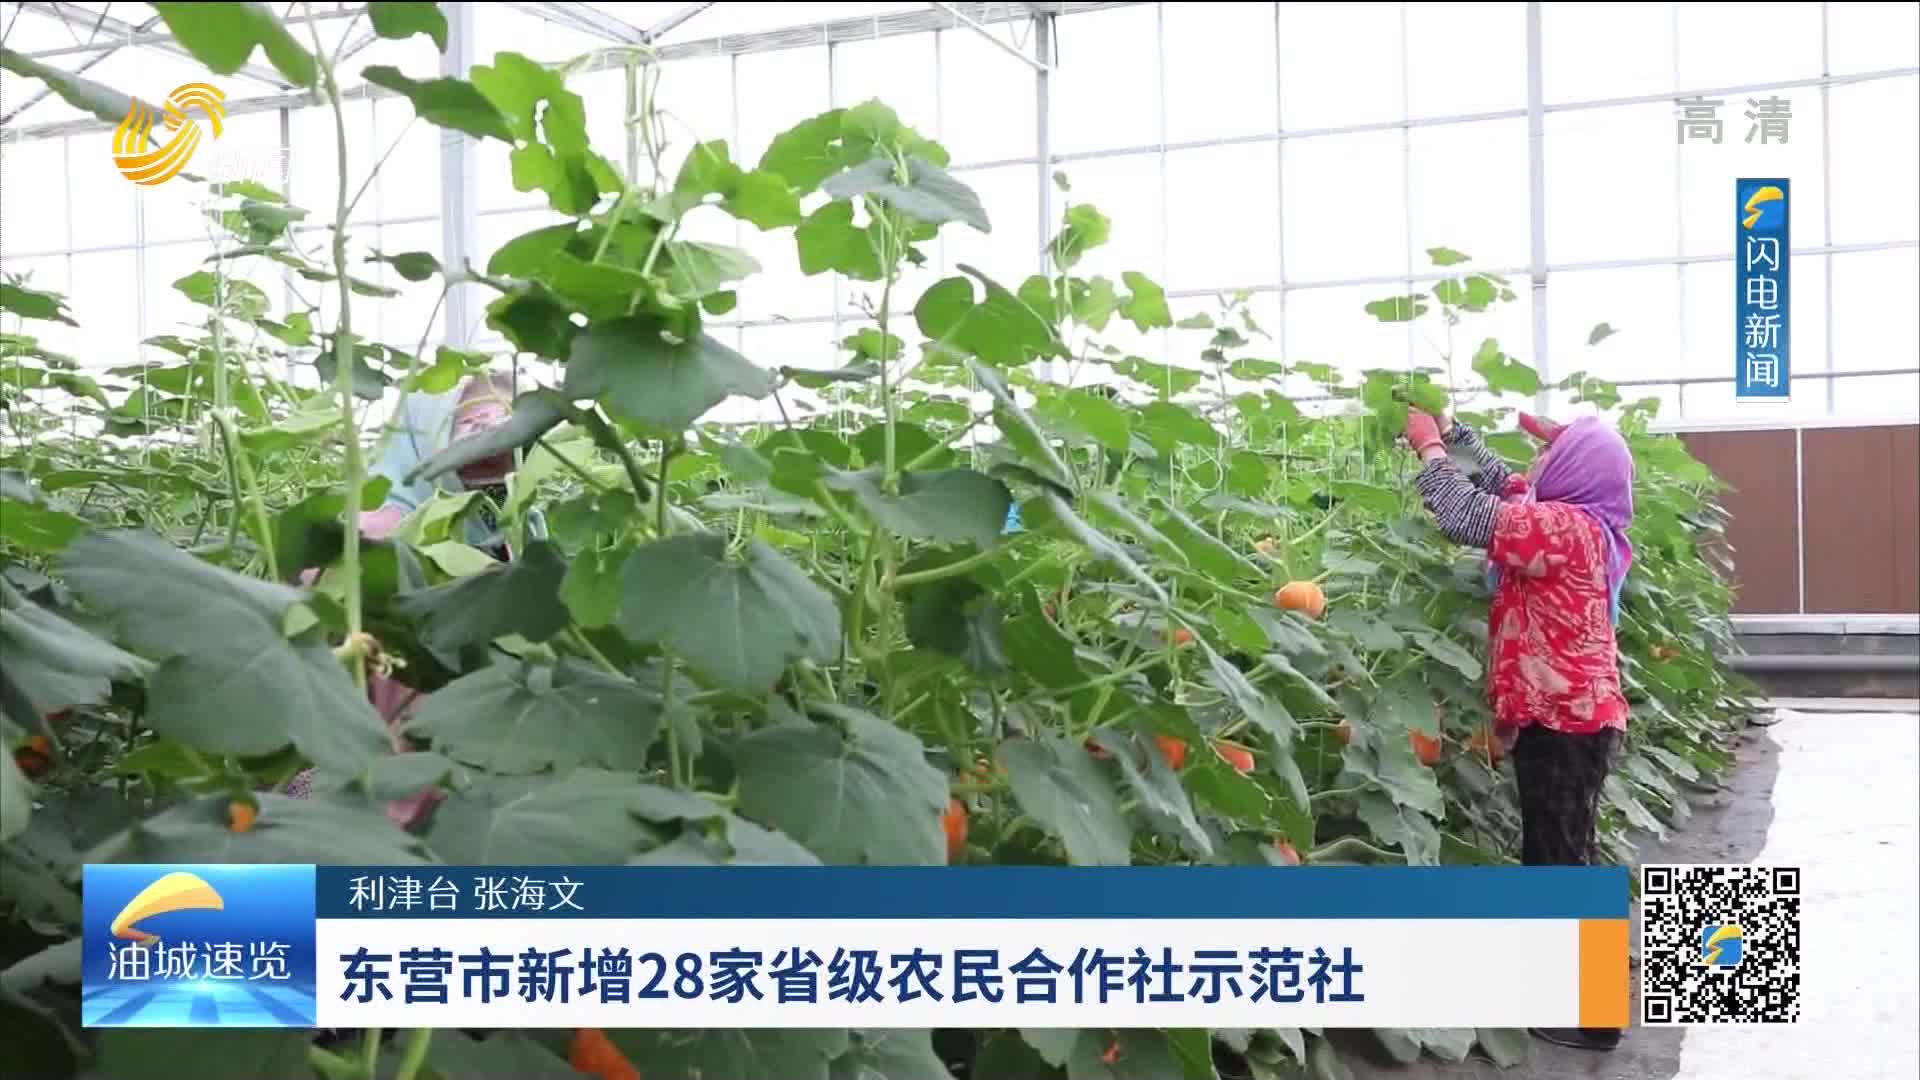 东营市新增28家省级农村合作社示范社